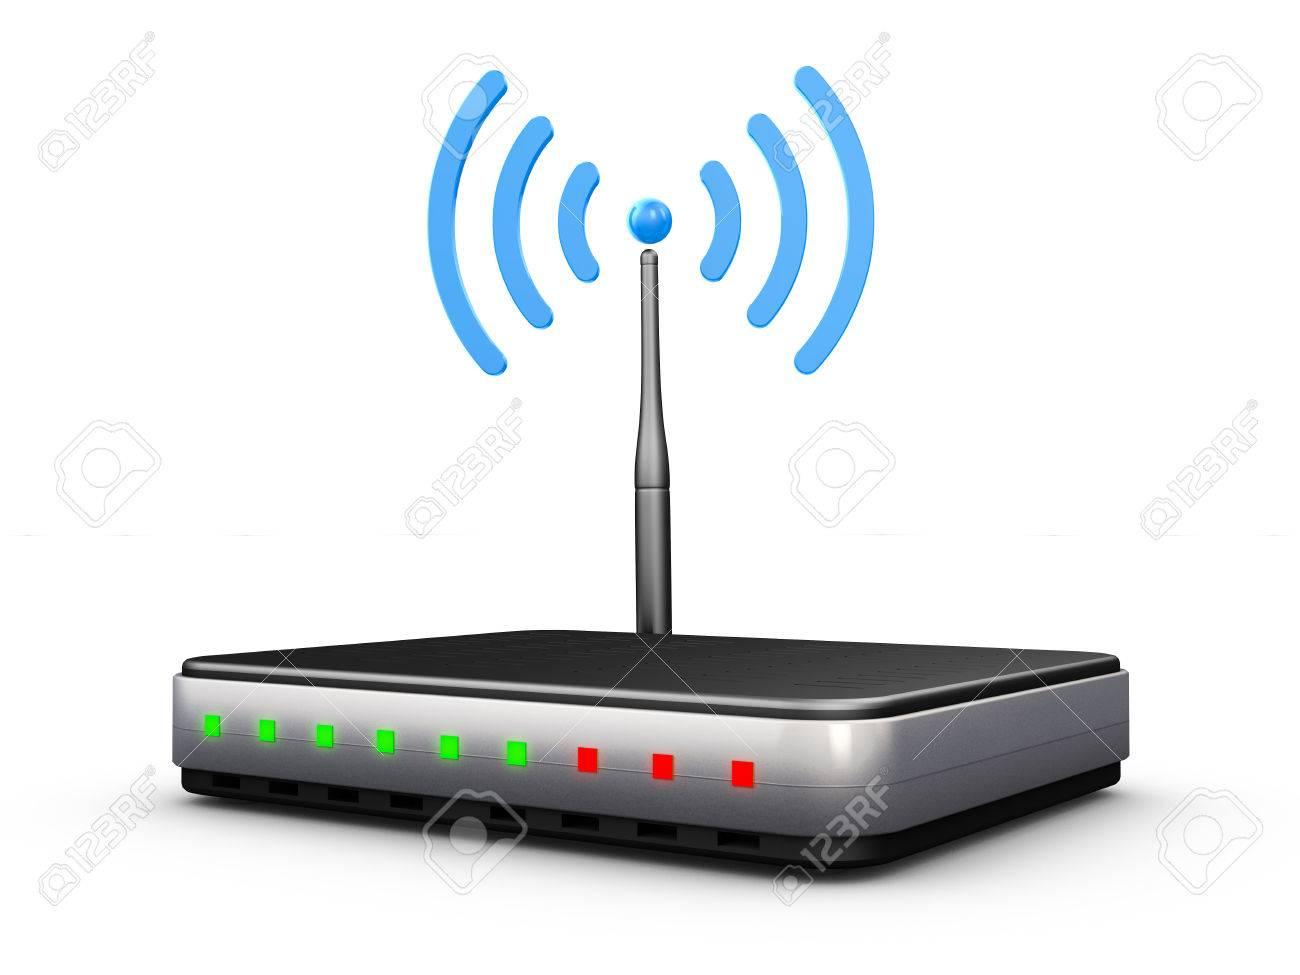 Lắp đặt mạng wifi trong nhà giá rẻ - Lắp mạng máy tính